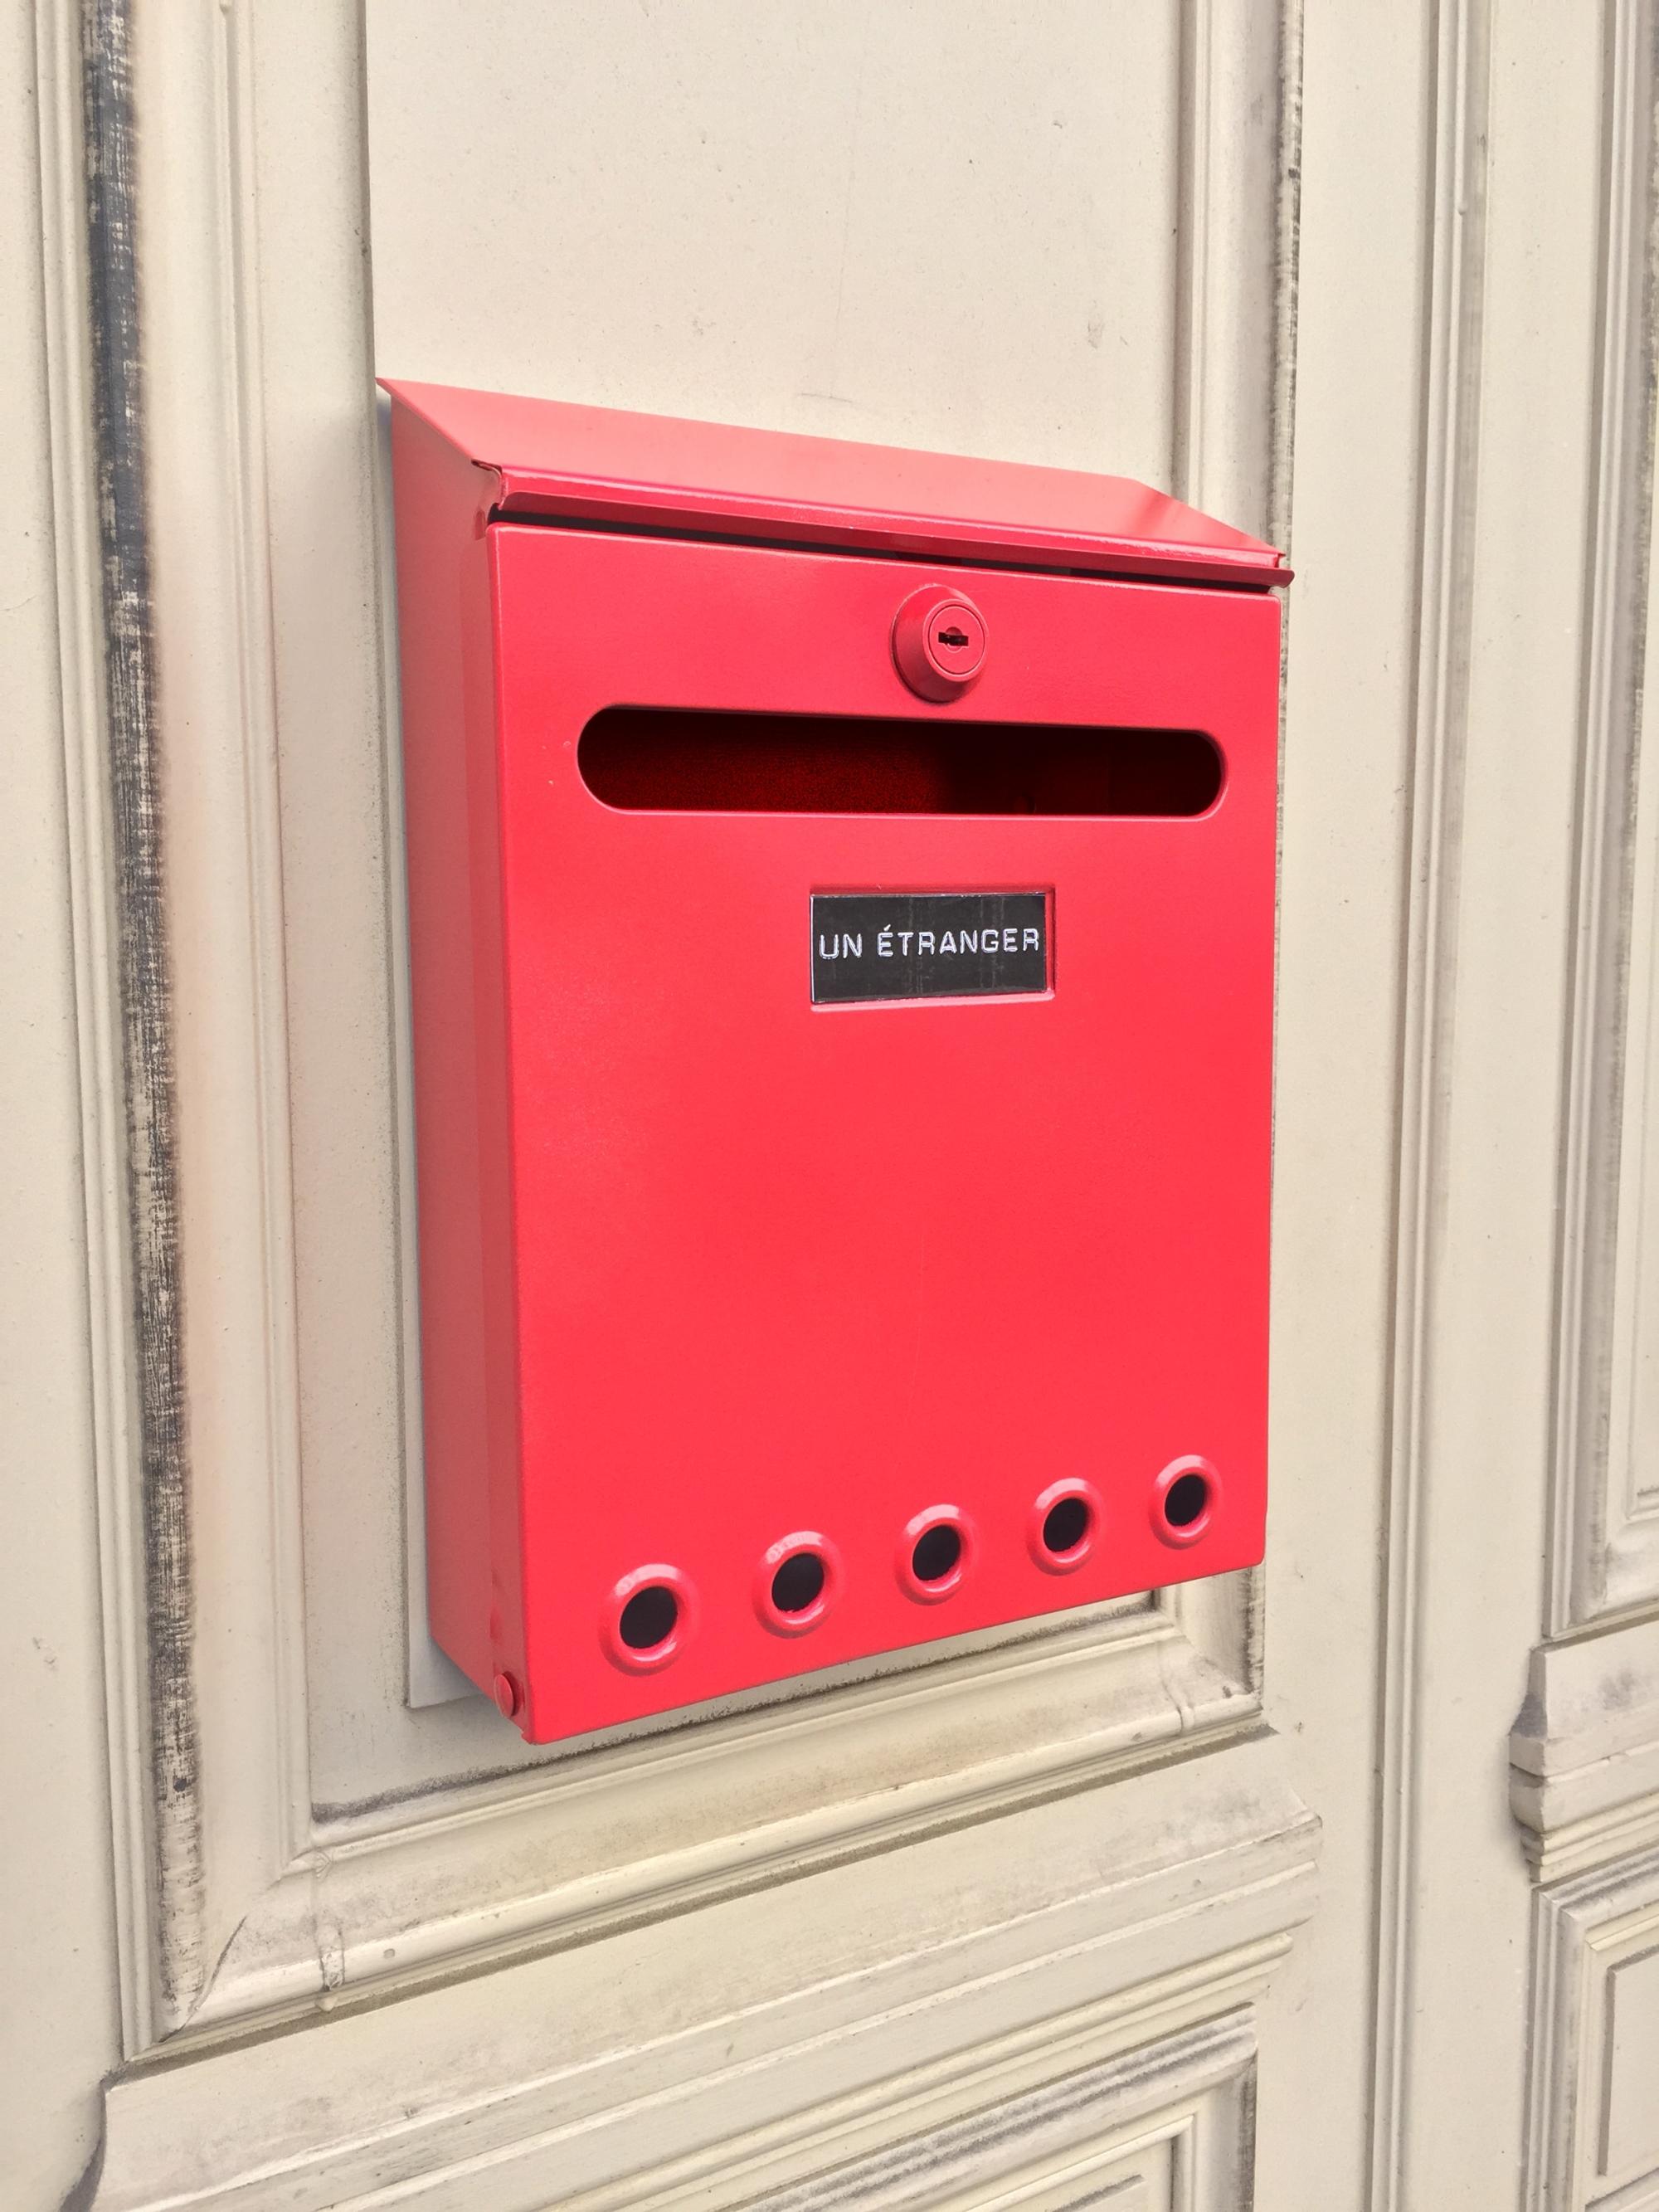 Boxe 4 – Paris 9ème arrondissement – 2015 – Le Sonneur